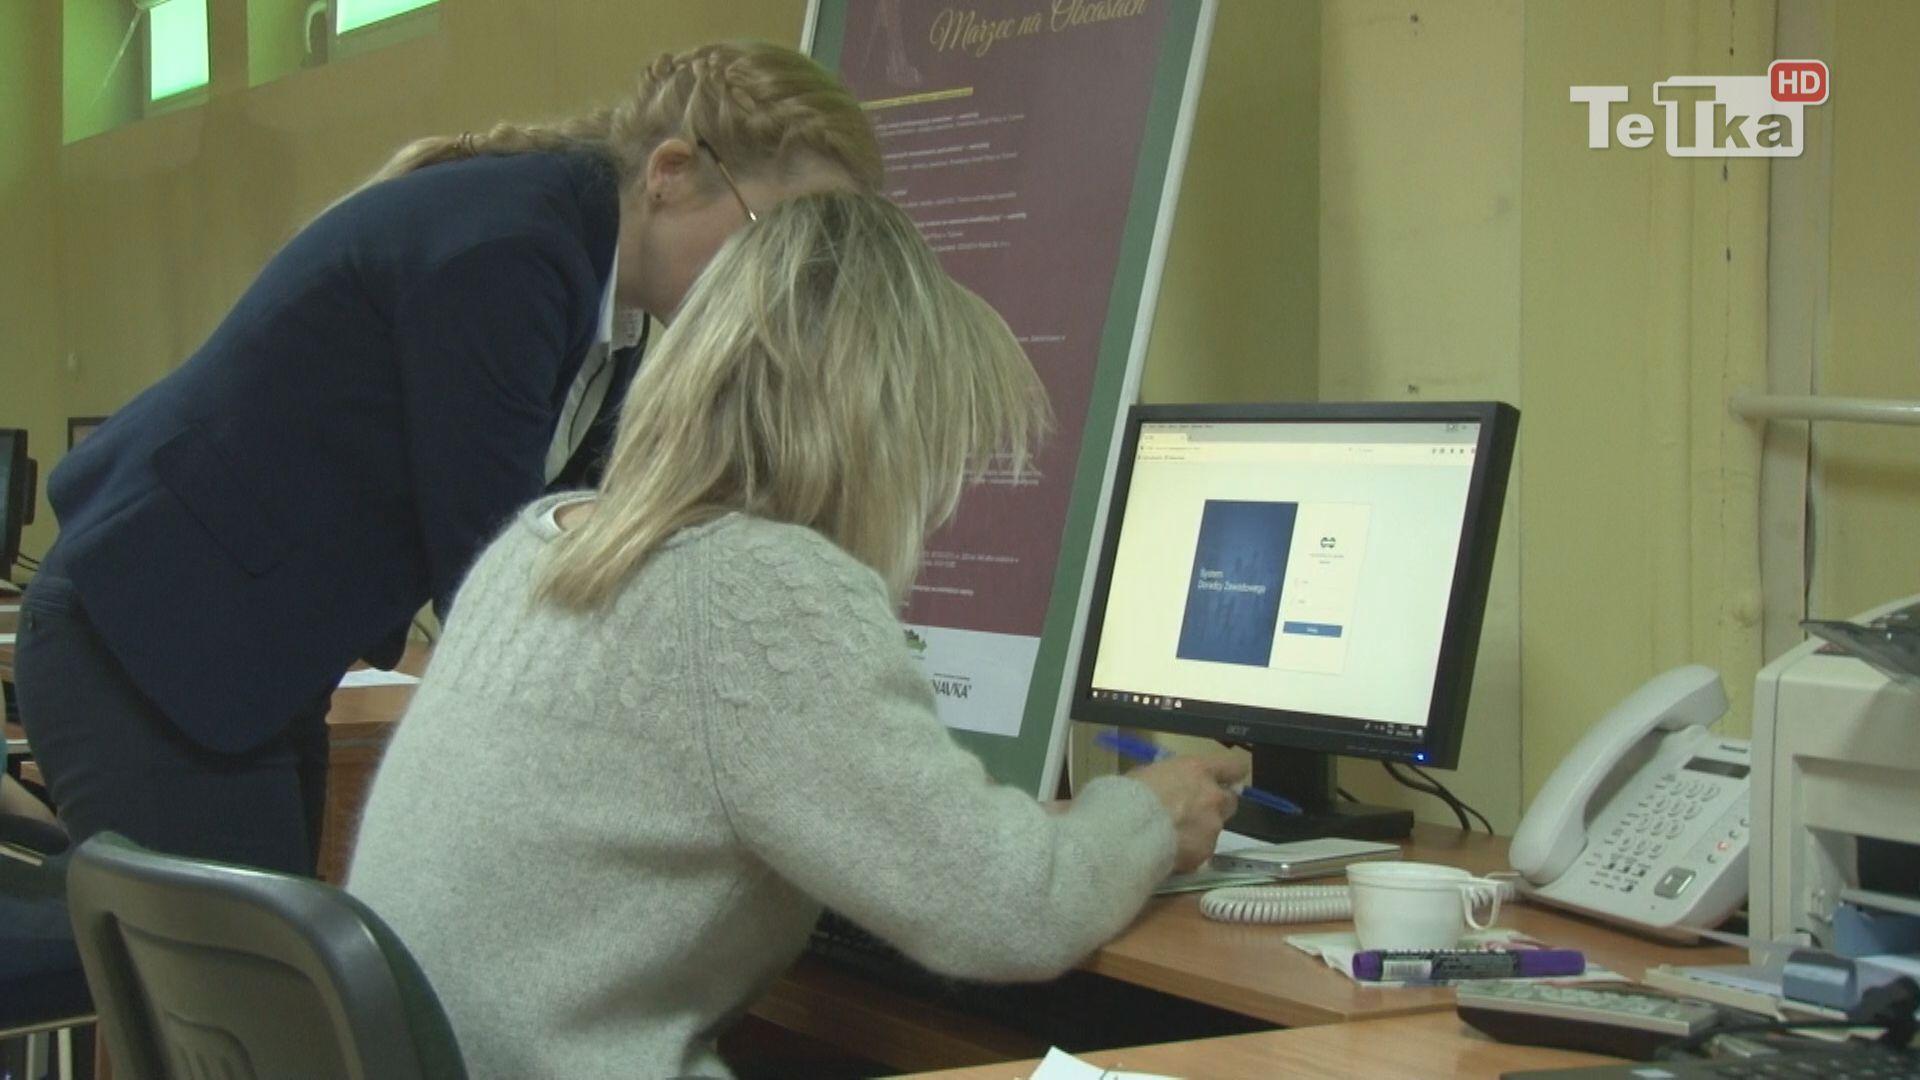 Powiatowy Urząd Pracy prowadzi warsztaty dla kobiet zainteresowanych odkrywaniem własnych talentów